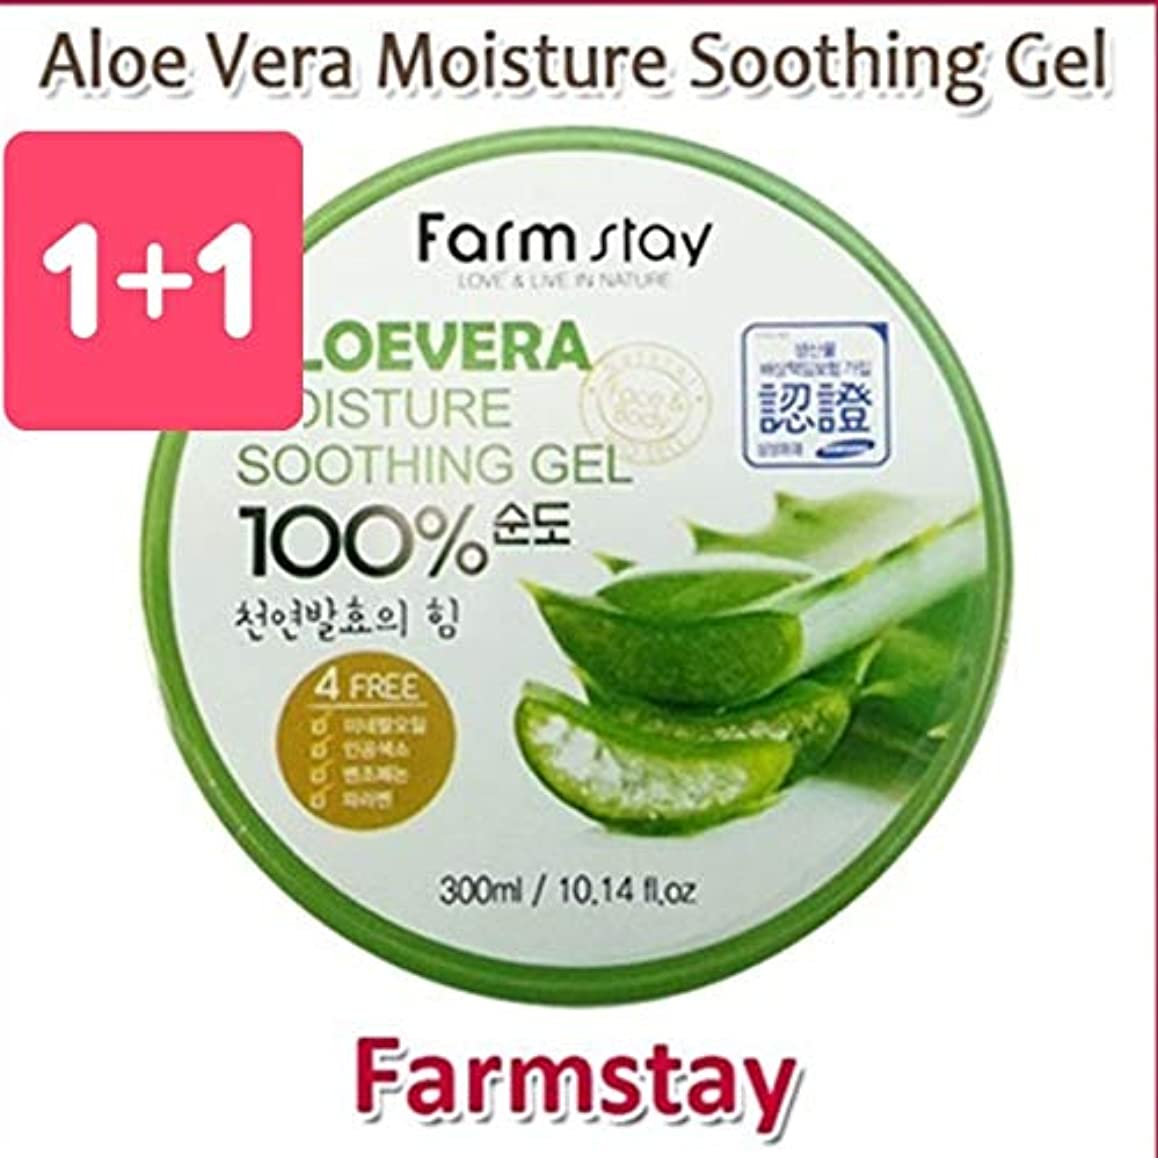 パケット咳累計Farm Stay Aloe Vera Moisture Soothing Gel 300ml 1+1 Big Sale/オーガニック アロエベラゲル 100%/保湿ケア/韓国コスメ/Aloe Vera 100% /Moisturizing [並行輸入品]